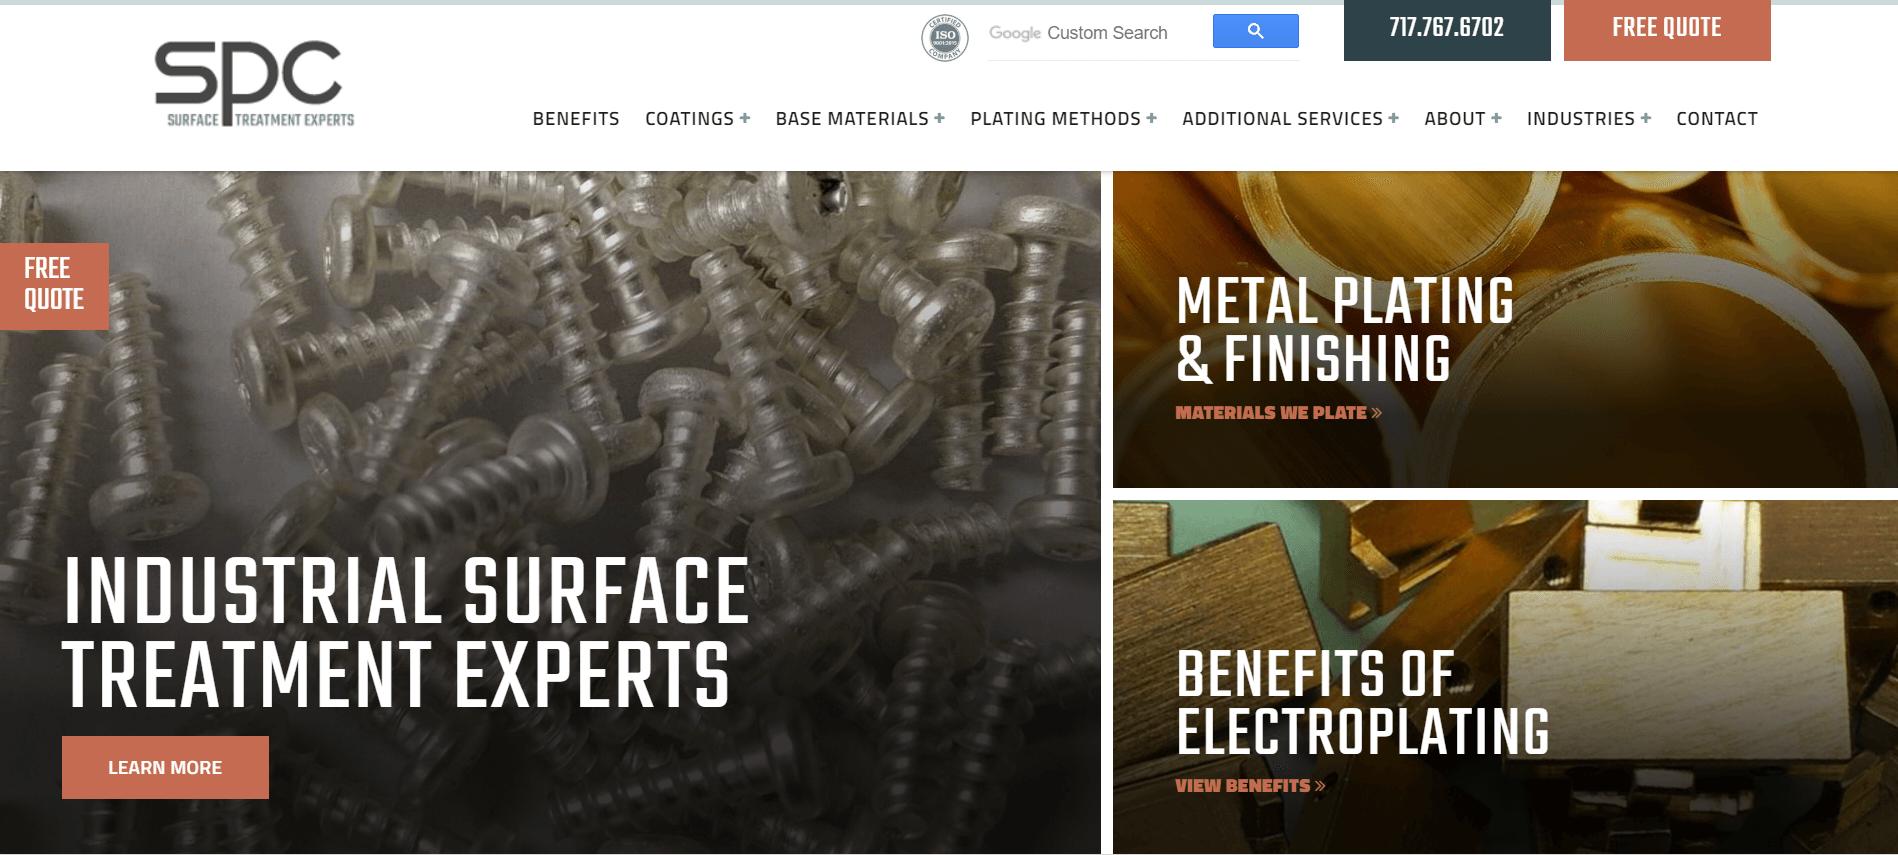 Un diseño web con imágenes optimizadas